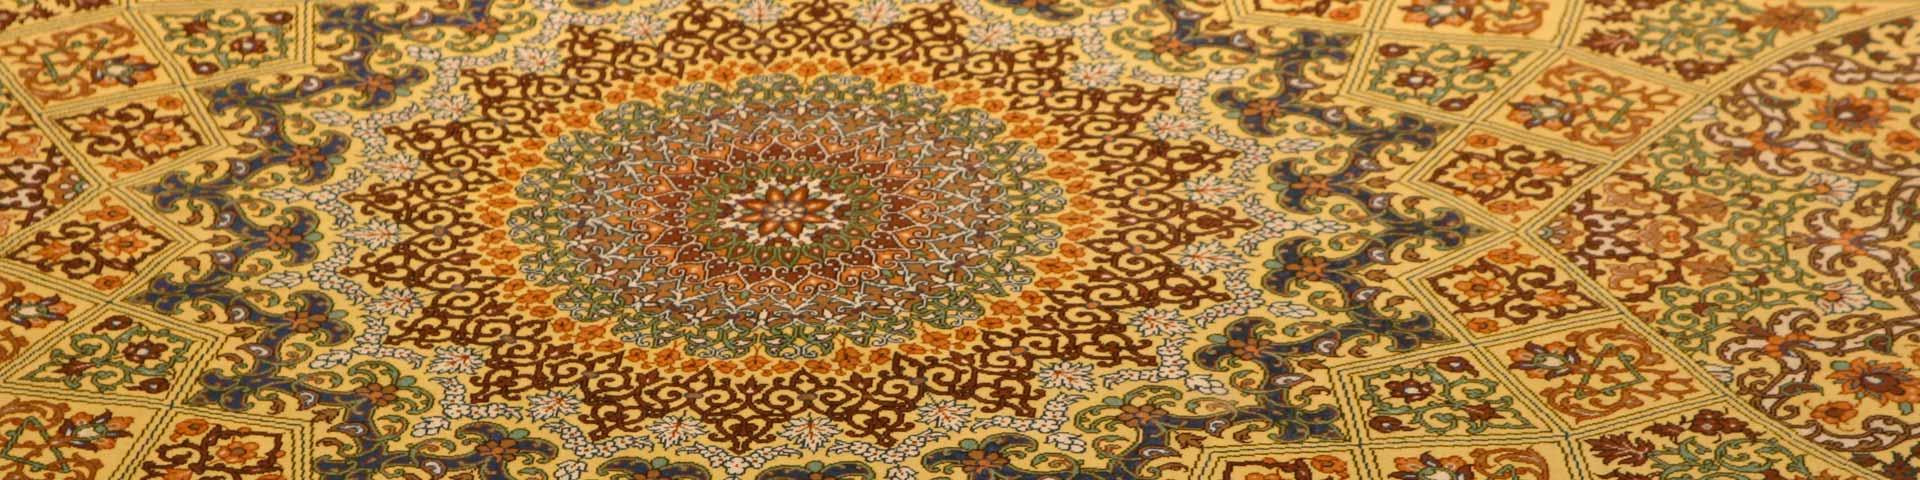 tappeti decorativi milano vendita Tappeti Segrate Milano ingrosso e dettaglio